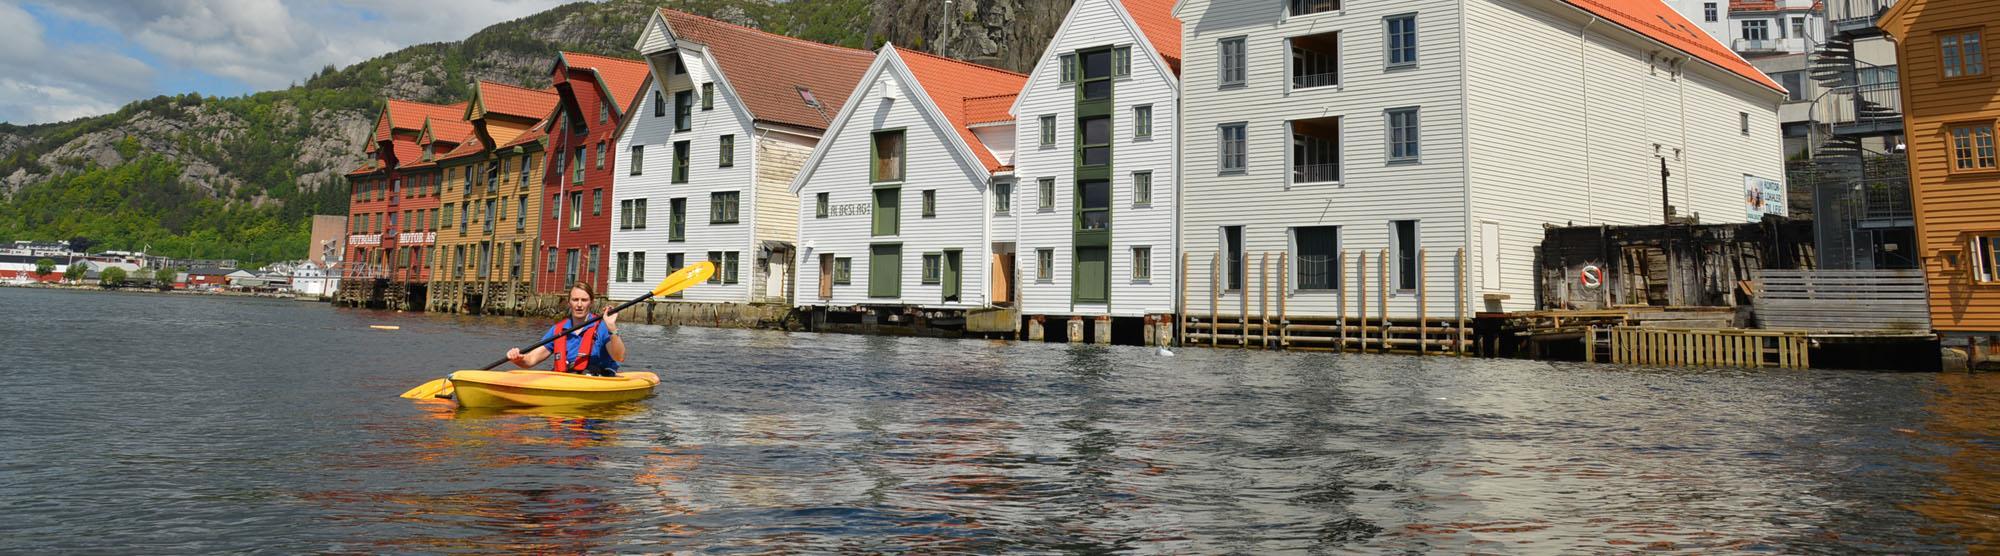 ca97adb93 10 ting å gjøre en solskinnsdag i Bergen - visitBergen.com